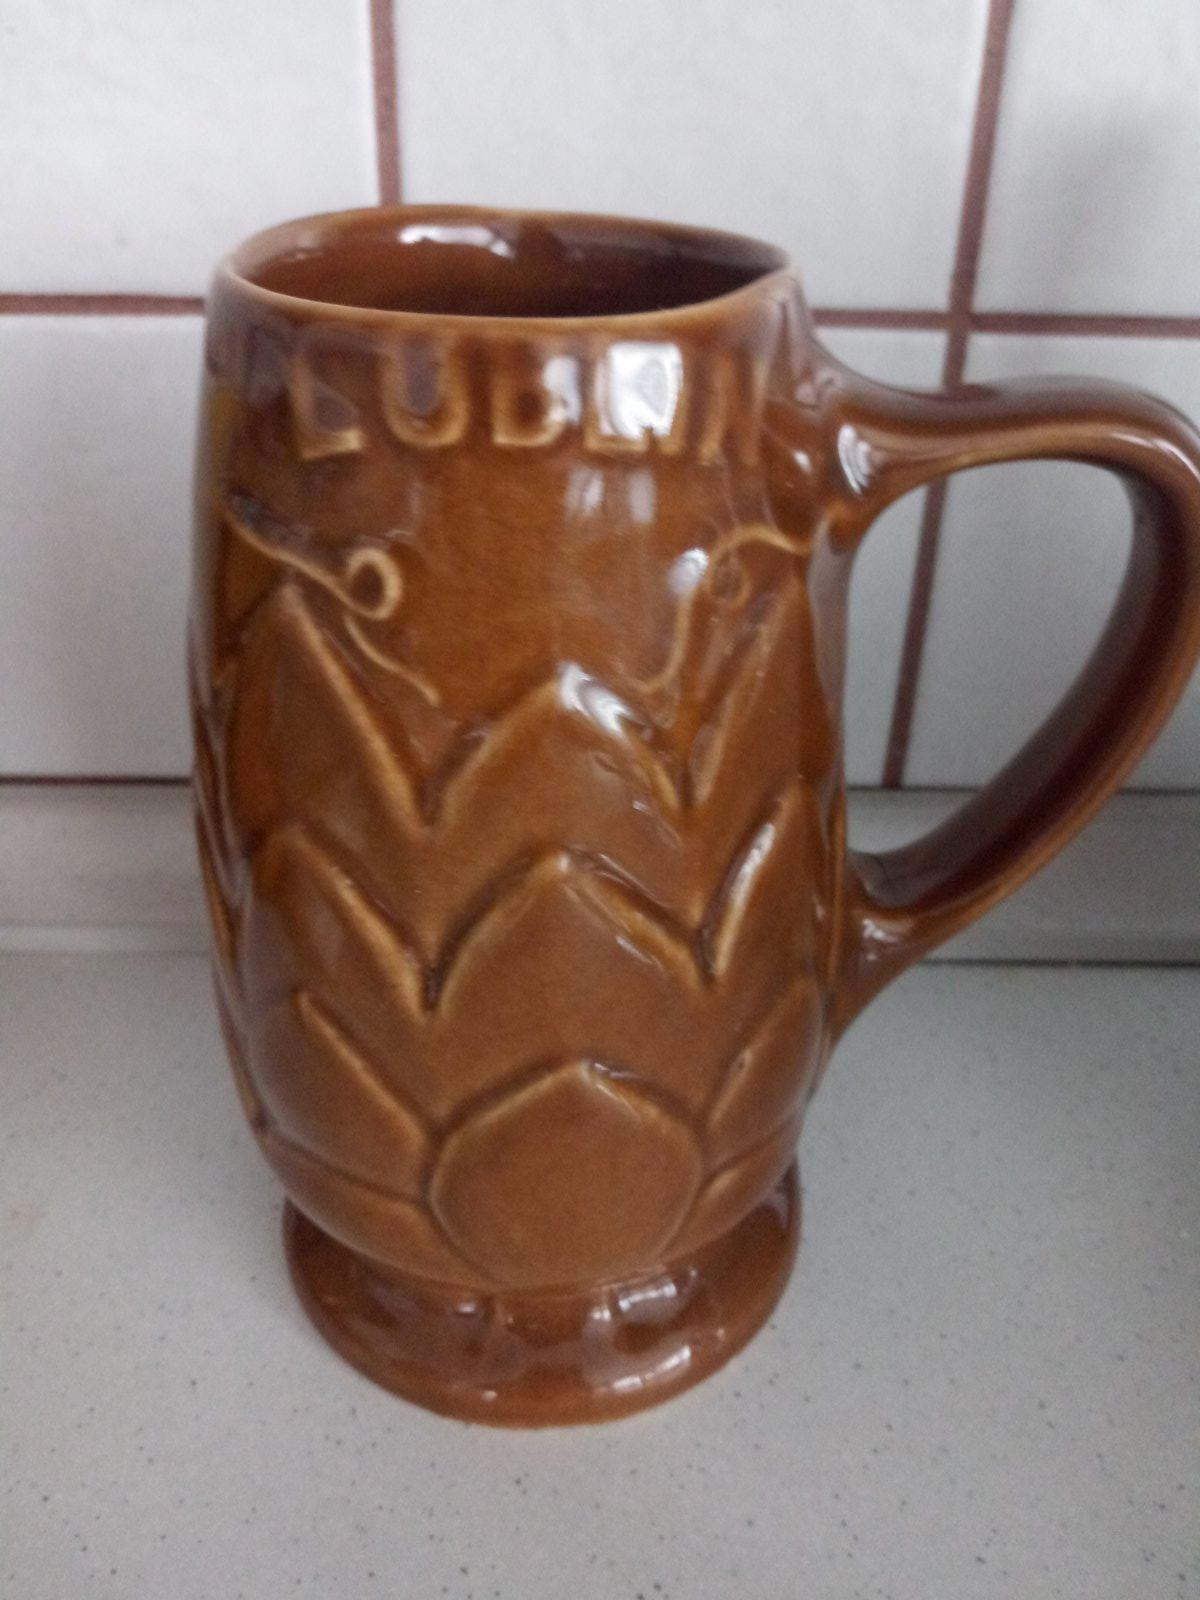 keramika - Obrázok č. 1